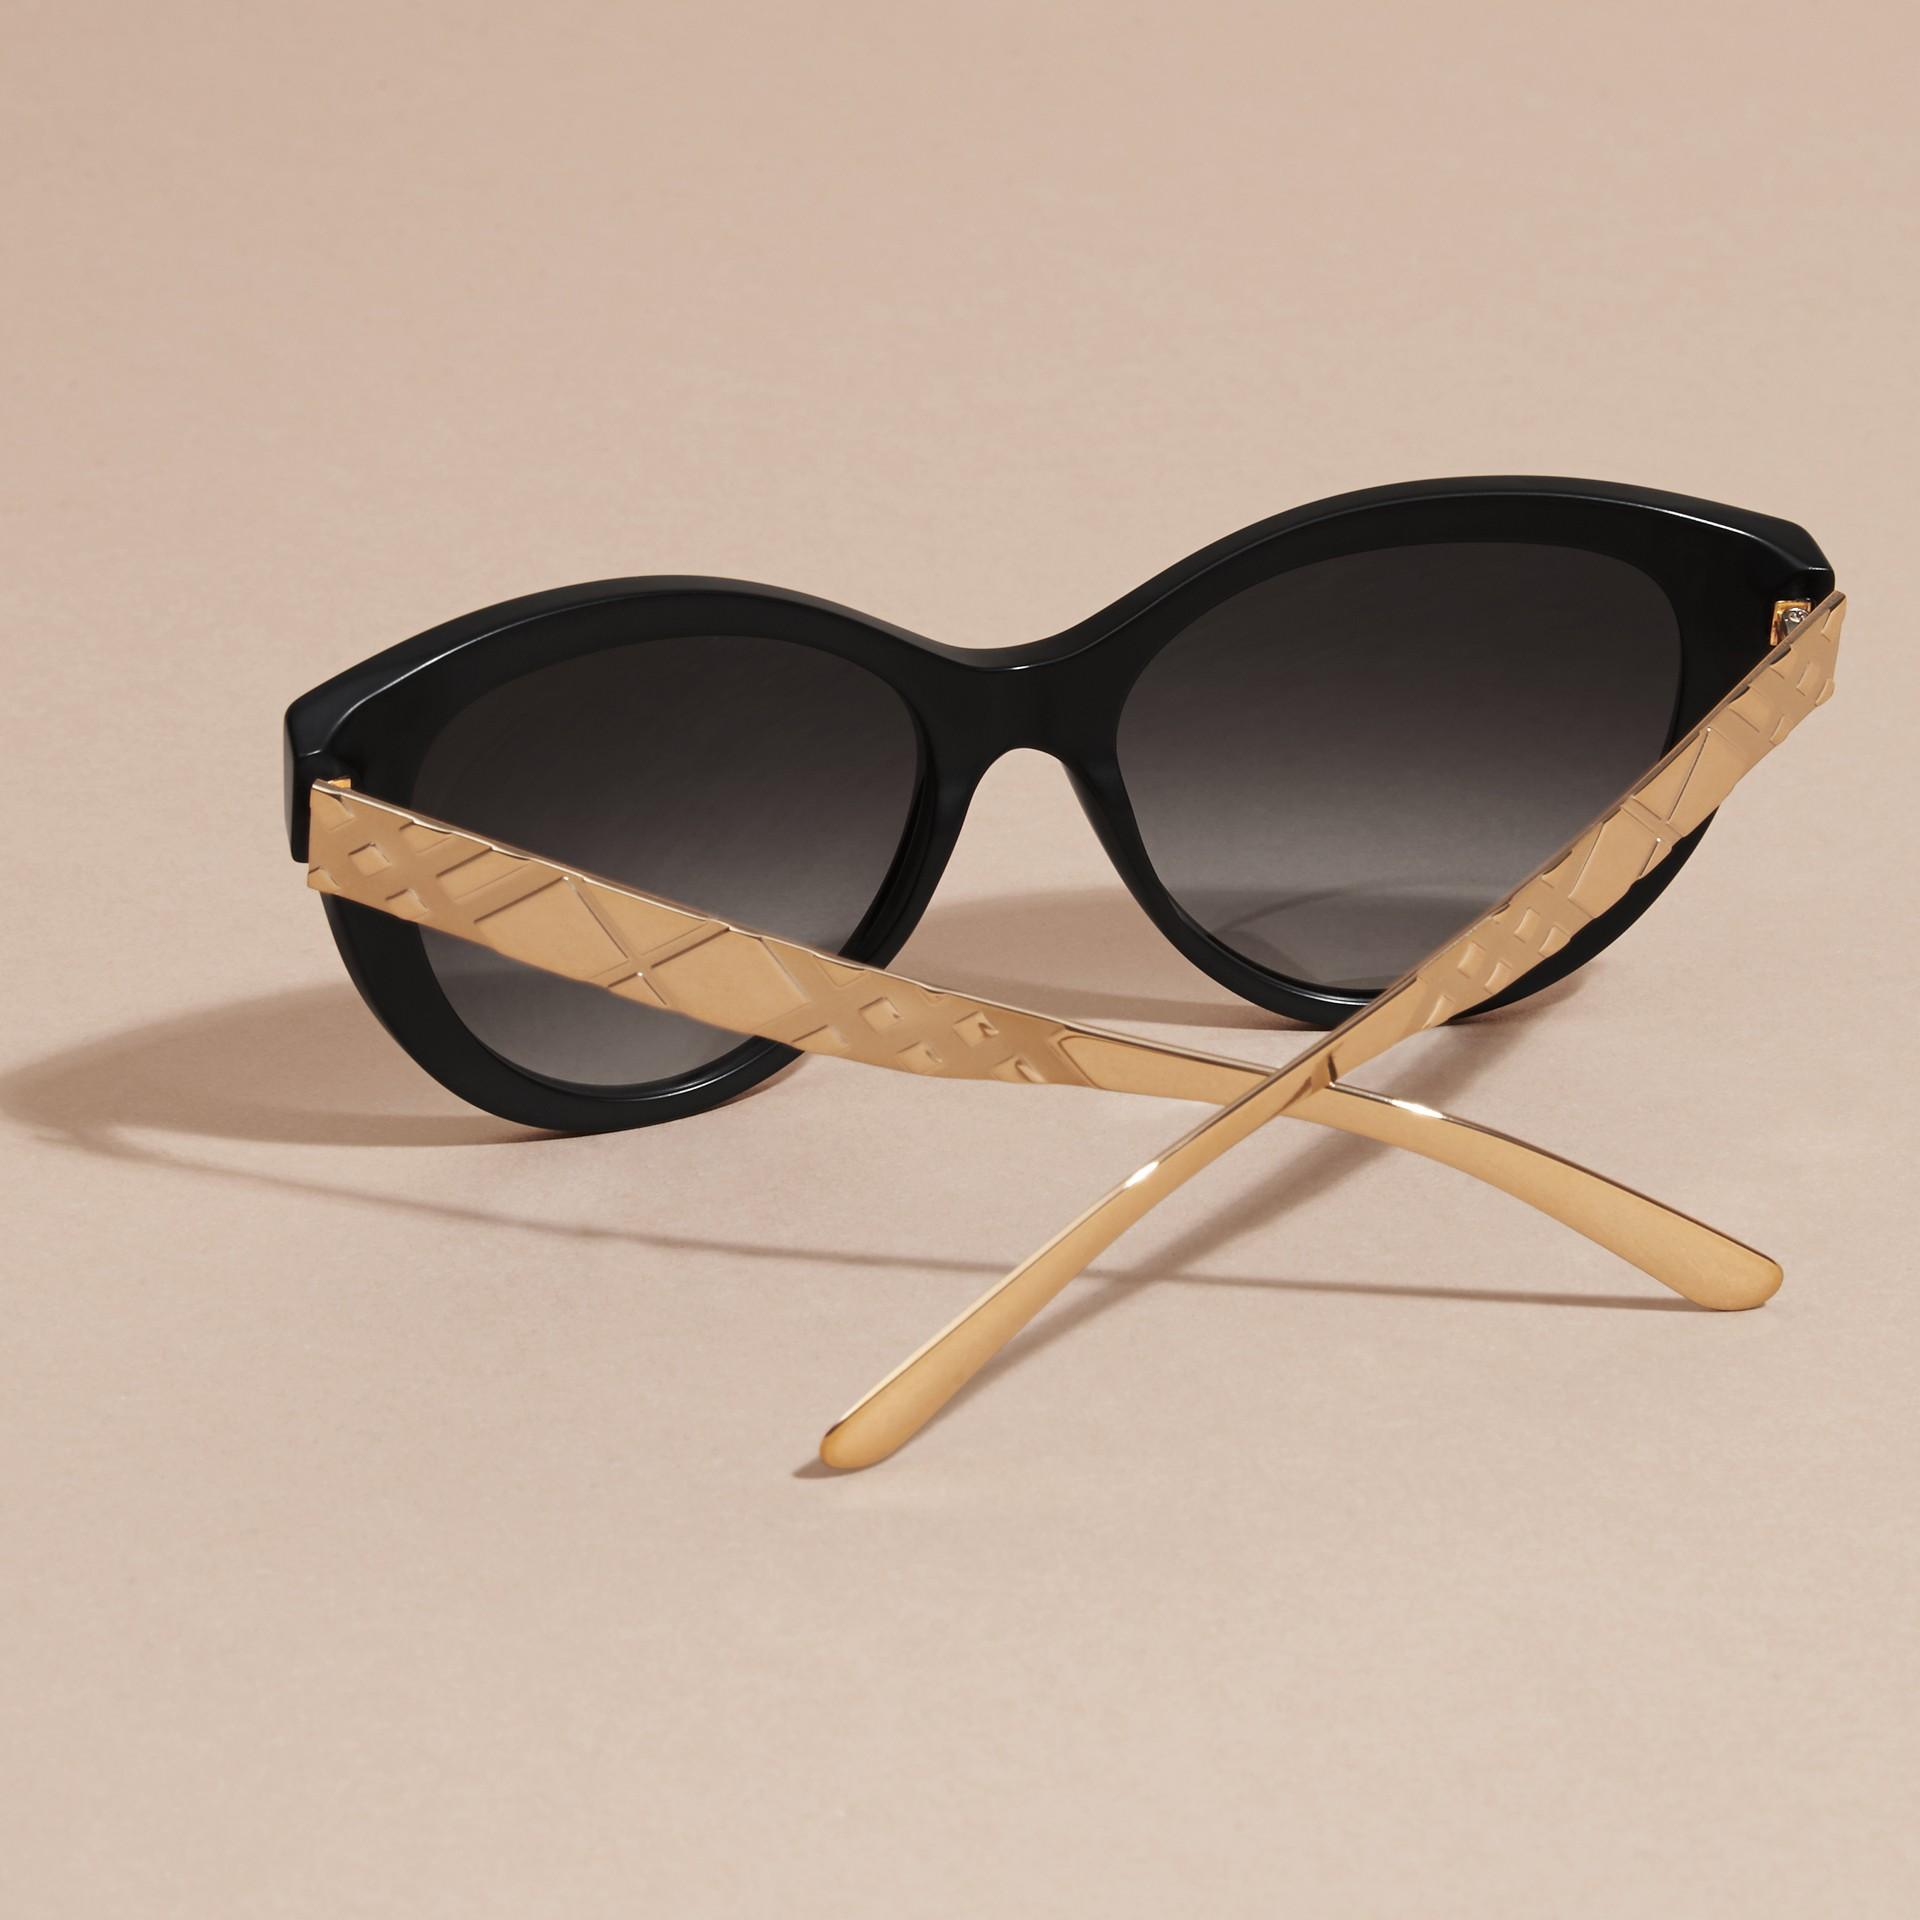 Nero Occhiali da sole con montatura cat-eye e motivo check tridimensionale Nero - immagine della galleria 5